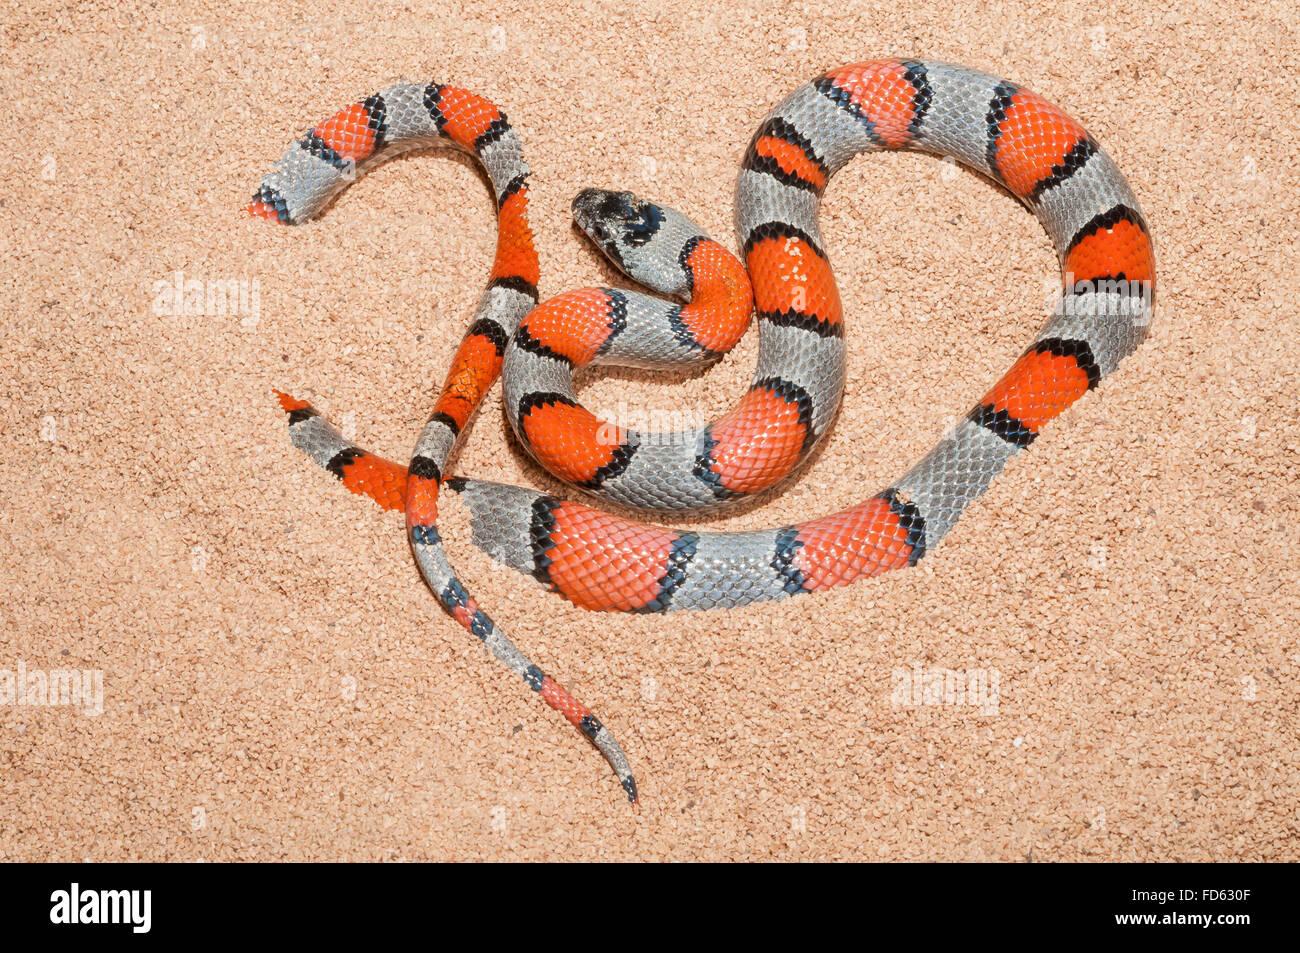 banded king snake